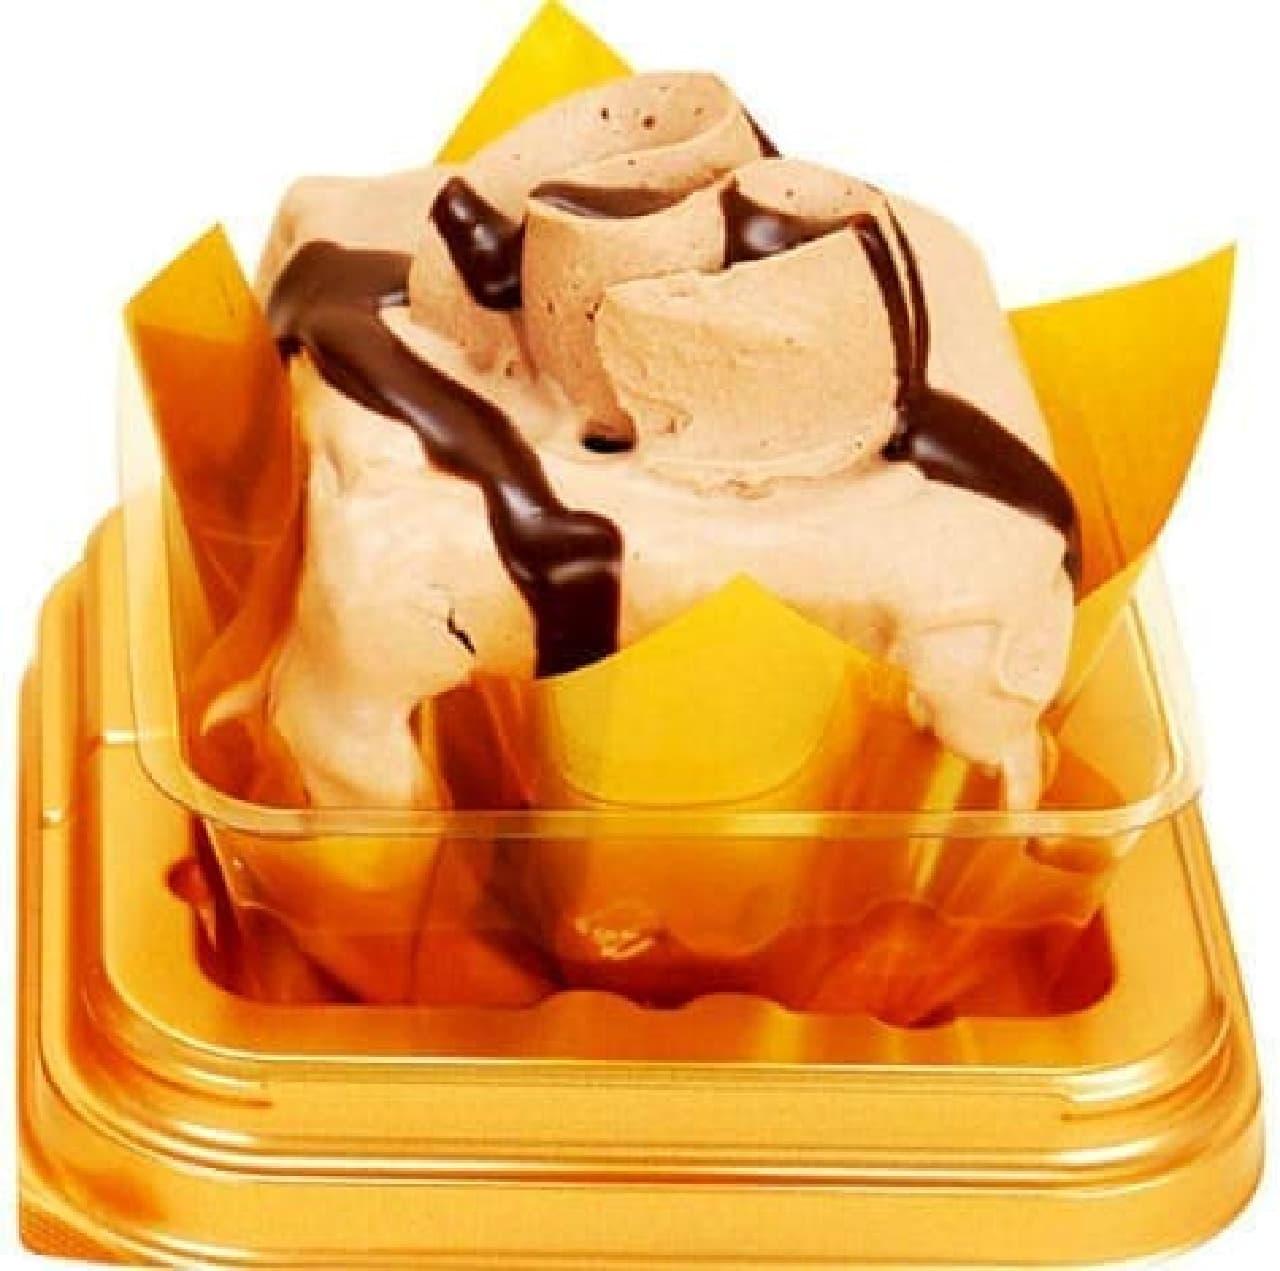 ファミマ チョコレートケーキ